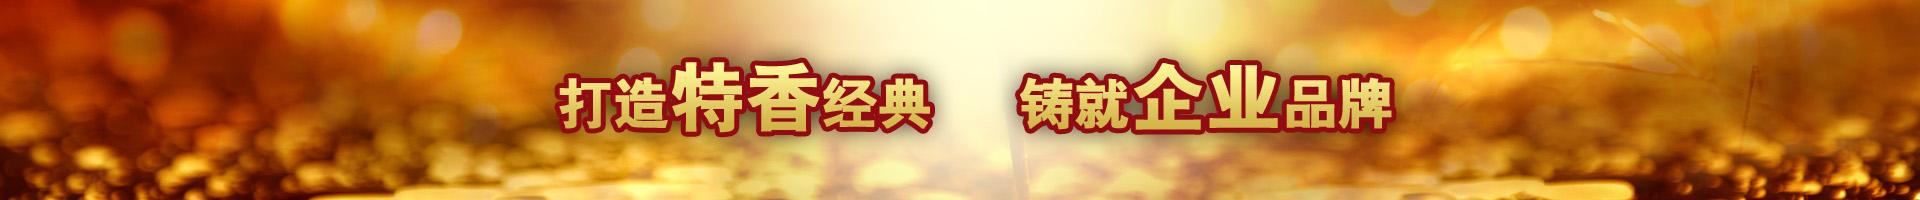 惠州市蒙特科技有限公司